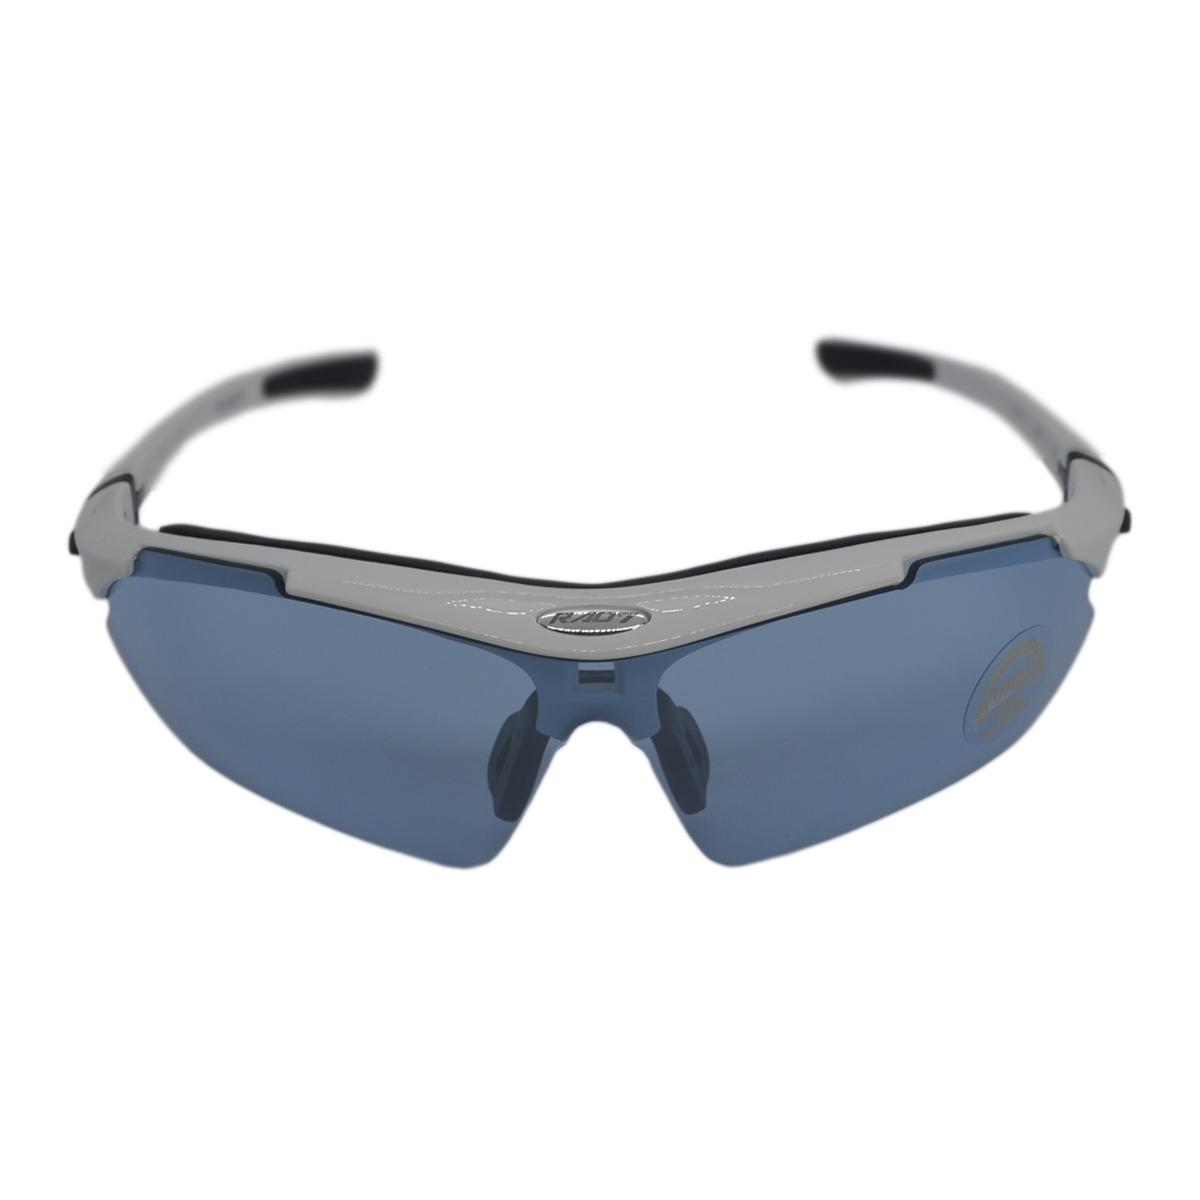 Óculos Ciclista RAD7 Concept 05 Lentes Haste Branco c/ Preto